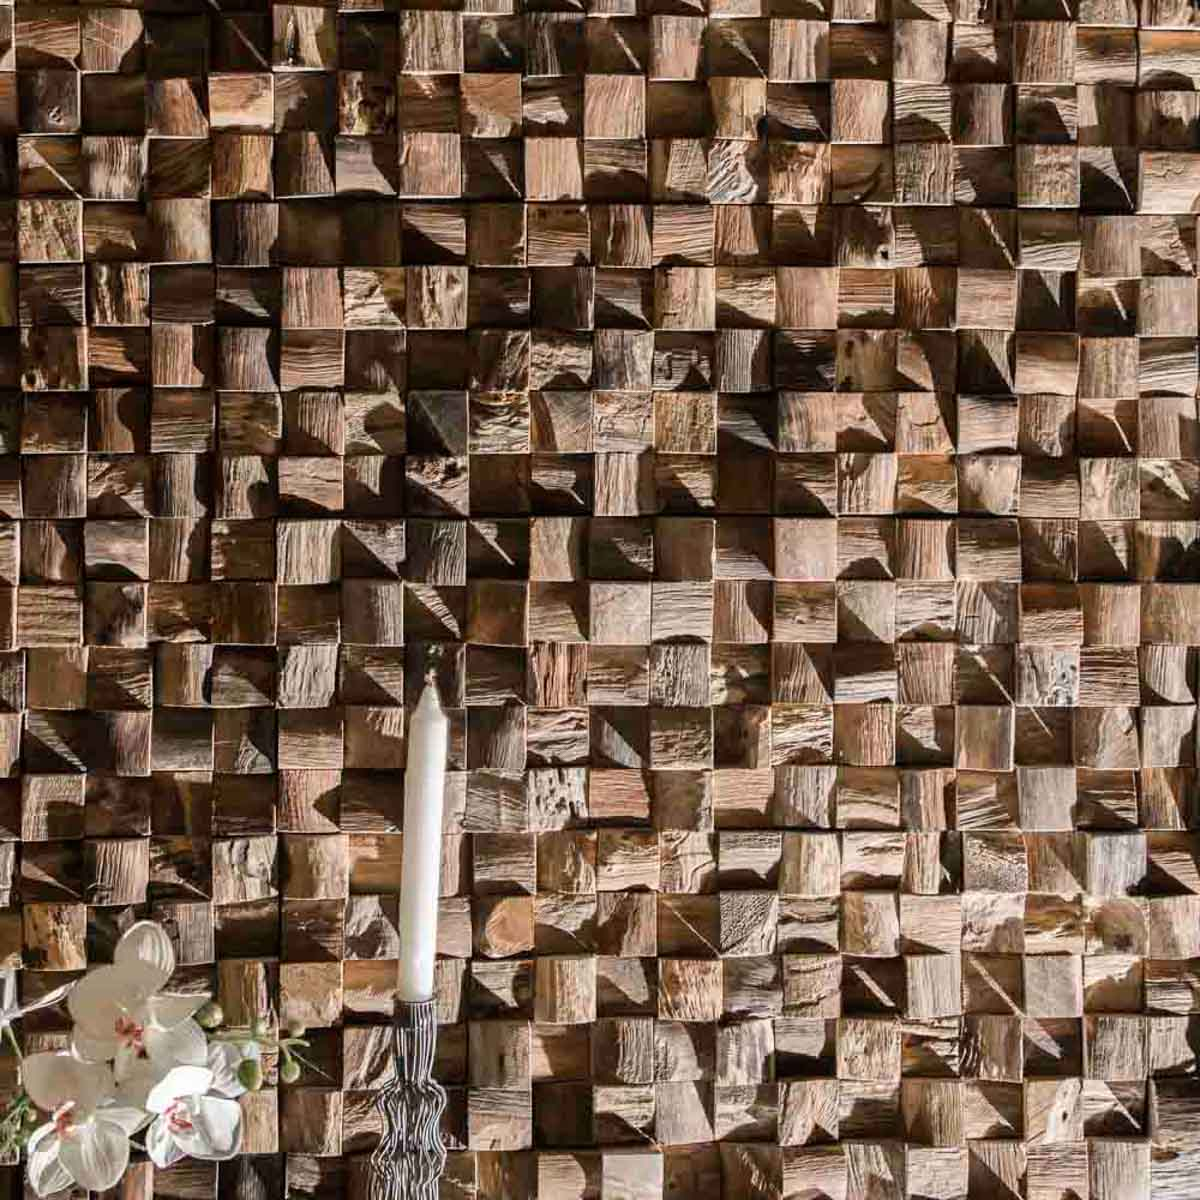 Habillage Bois Mur Exterieur u2013 Mzaol com # Habillage Bois Mur Exterieur